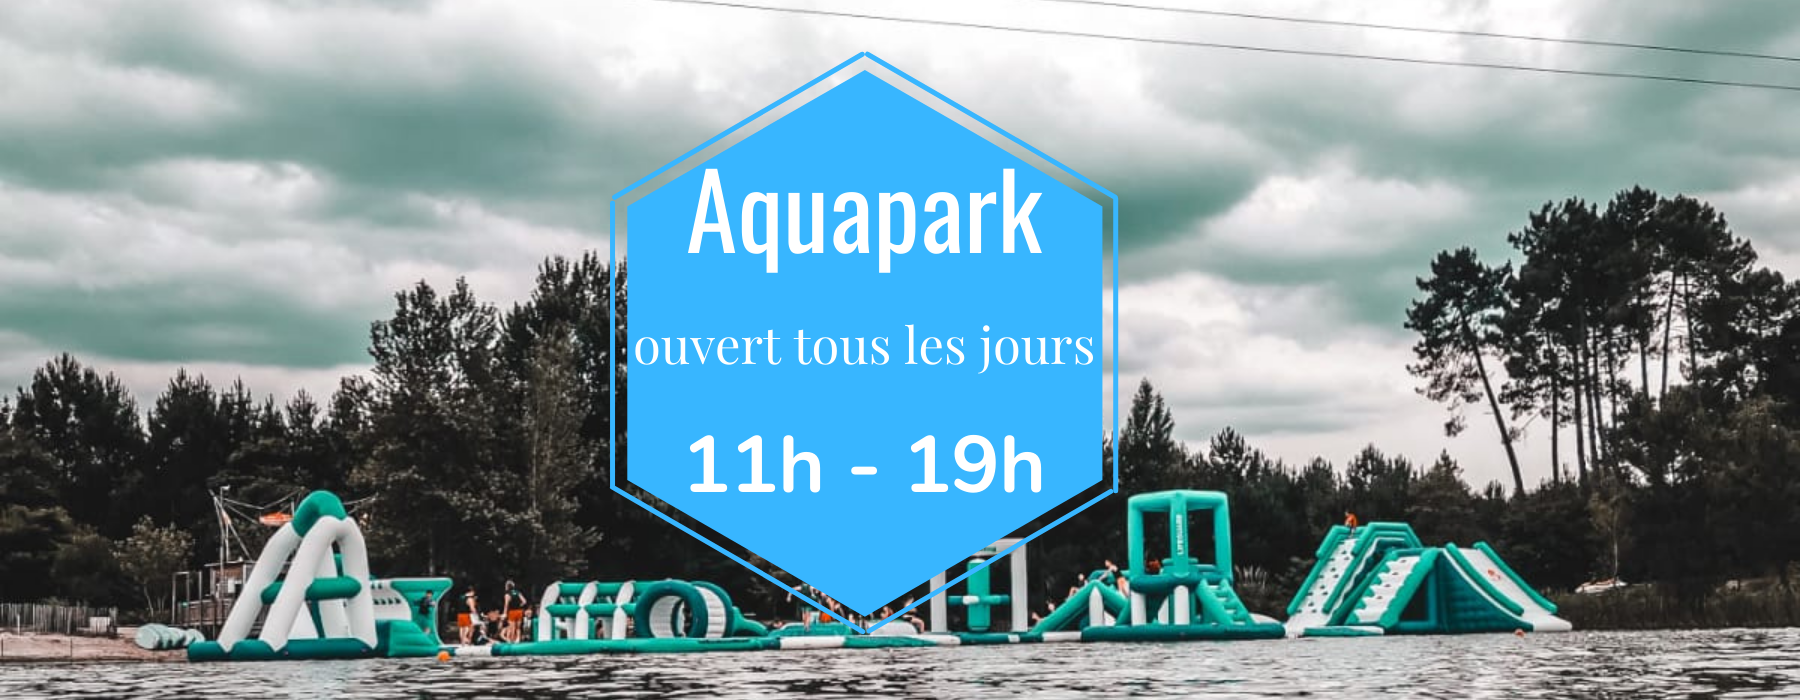 ouverture aquapark